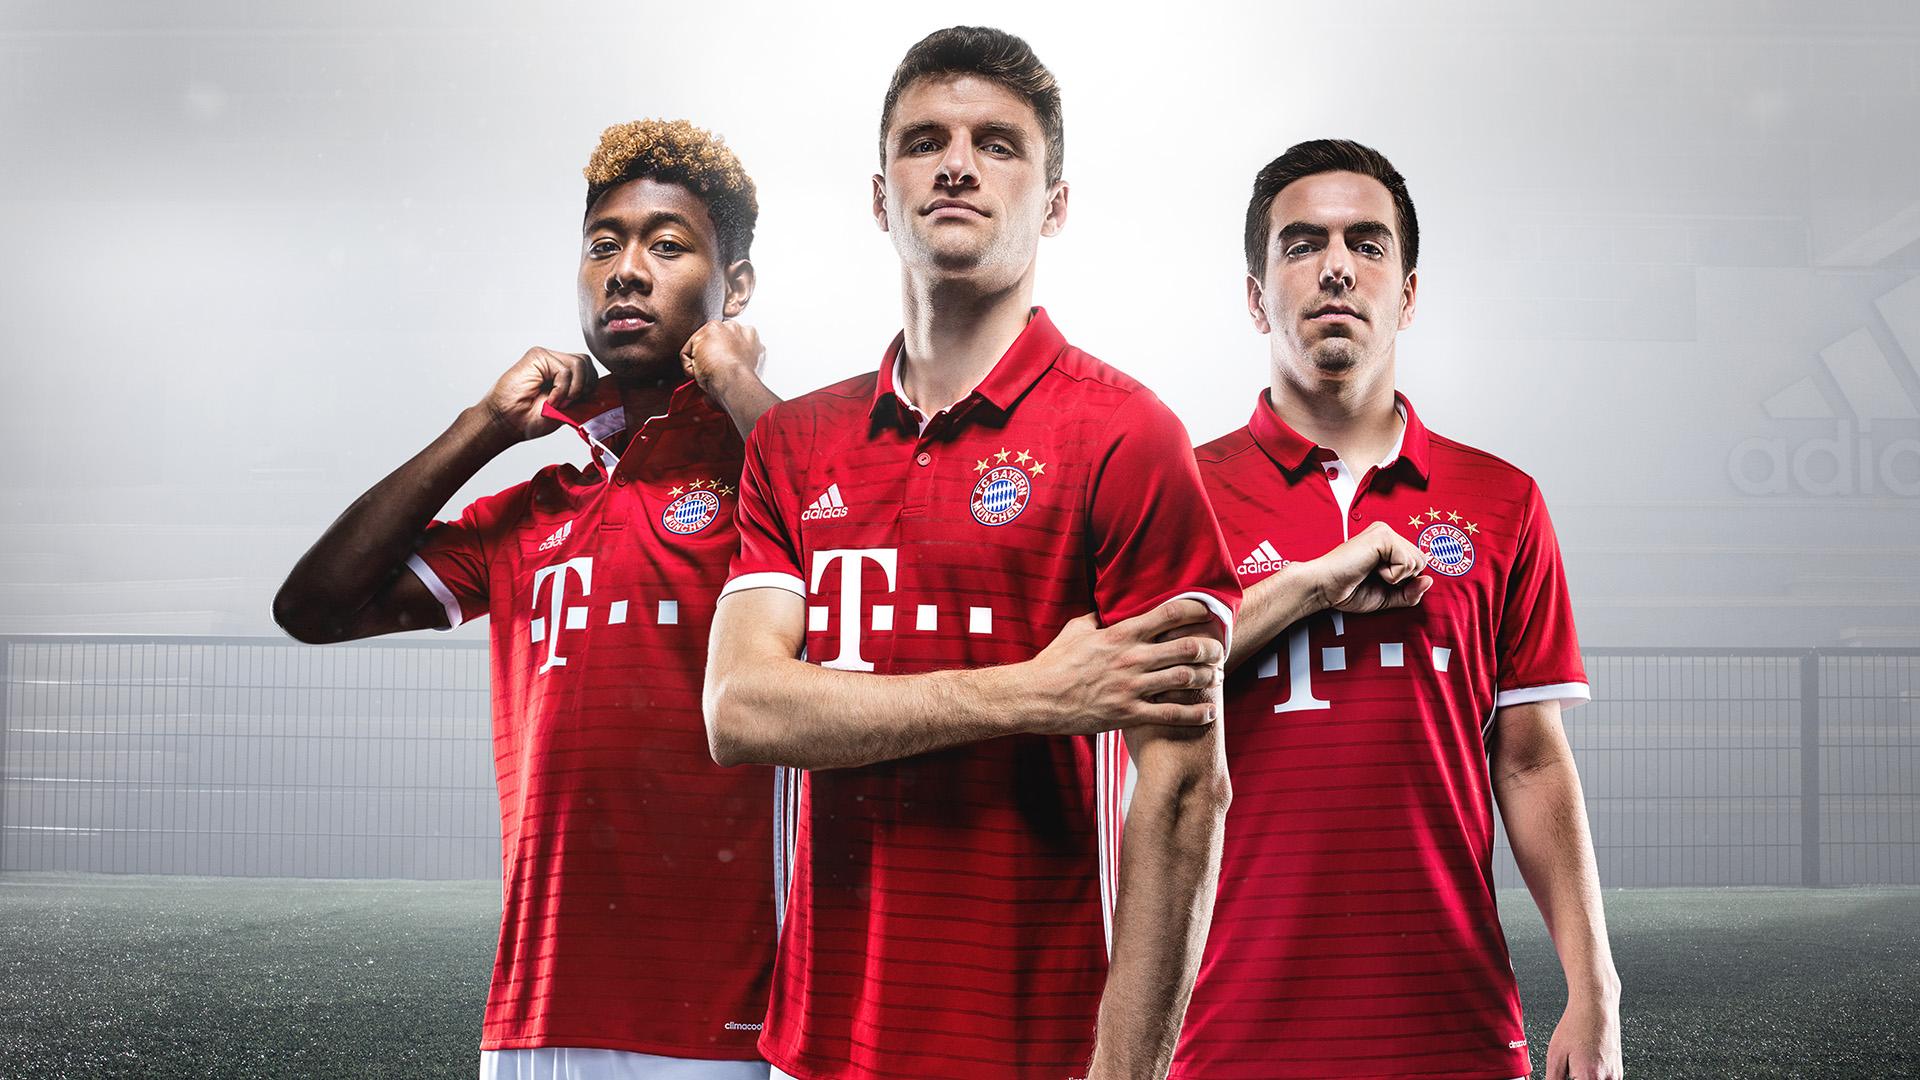 Daftar Lengkap Nominasi 100 Jersey Terbaik 2016 17 Celana Bola Grade Ori Madrid Away 2019 Bayern Kit